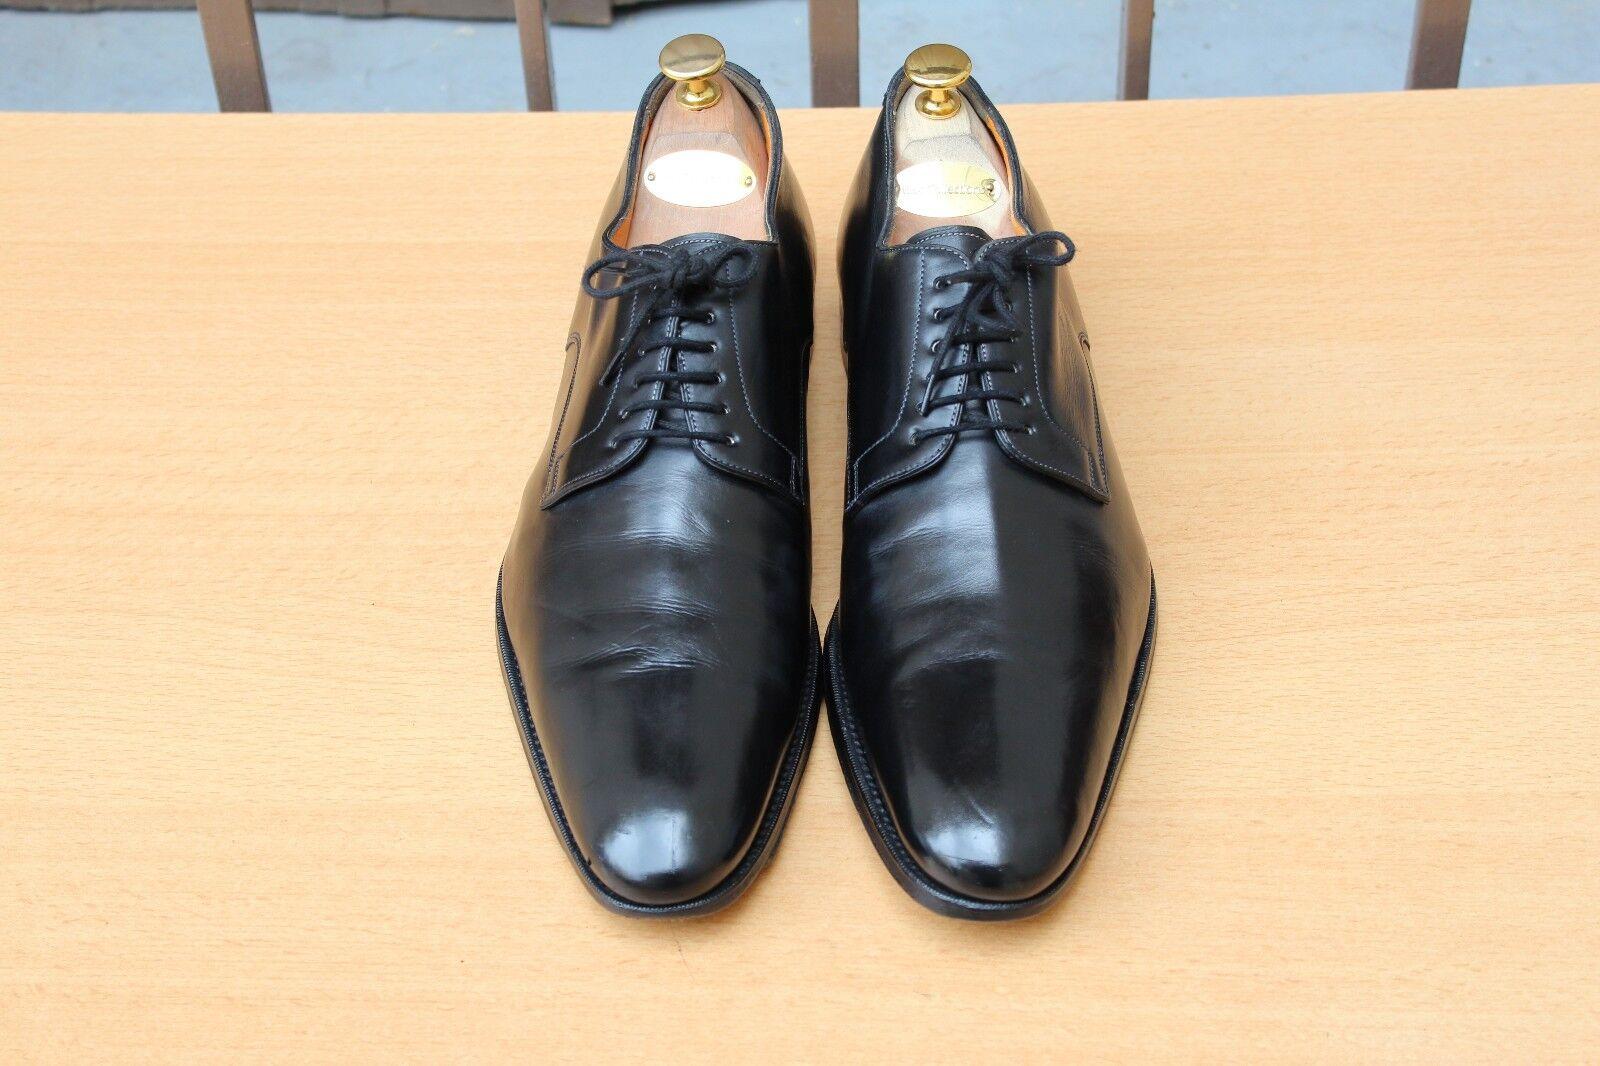 zapatos DERBY SANTONI A LACETS 9 IT 43  EXCELLENT ETAT MENS'S zapatos